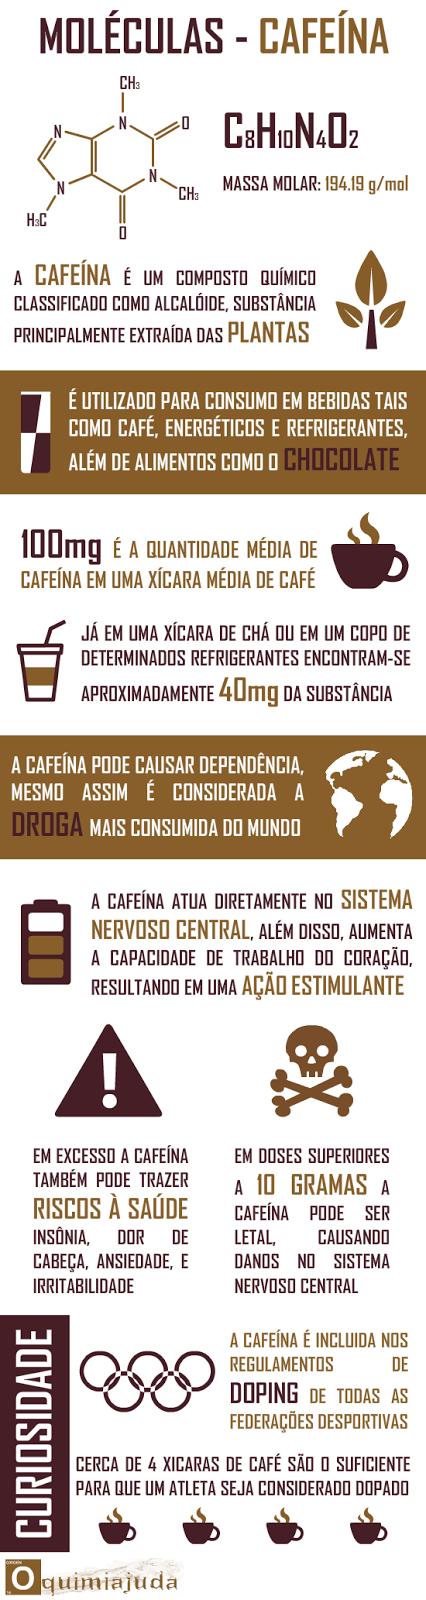 causar cafeína ed